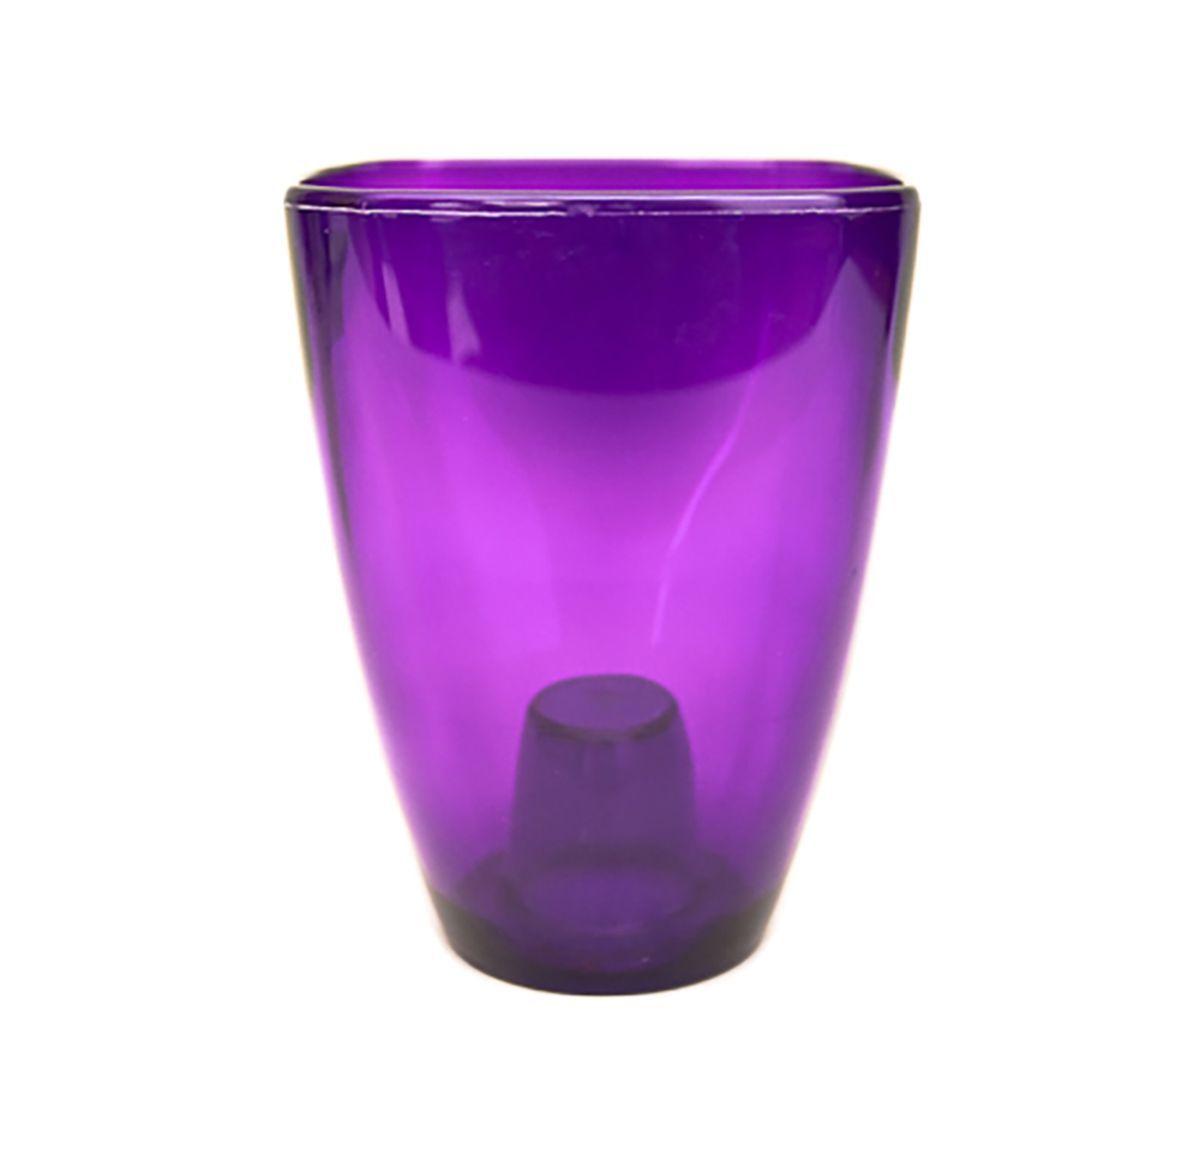 цена на Кашпо для орхидей Form-Plastic Орхидея, цвет: фиолетовый, 13 х 13 х 17 см